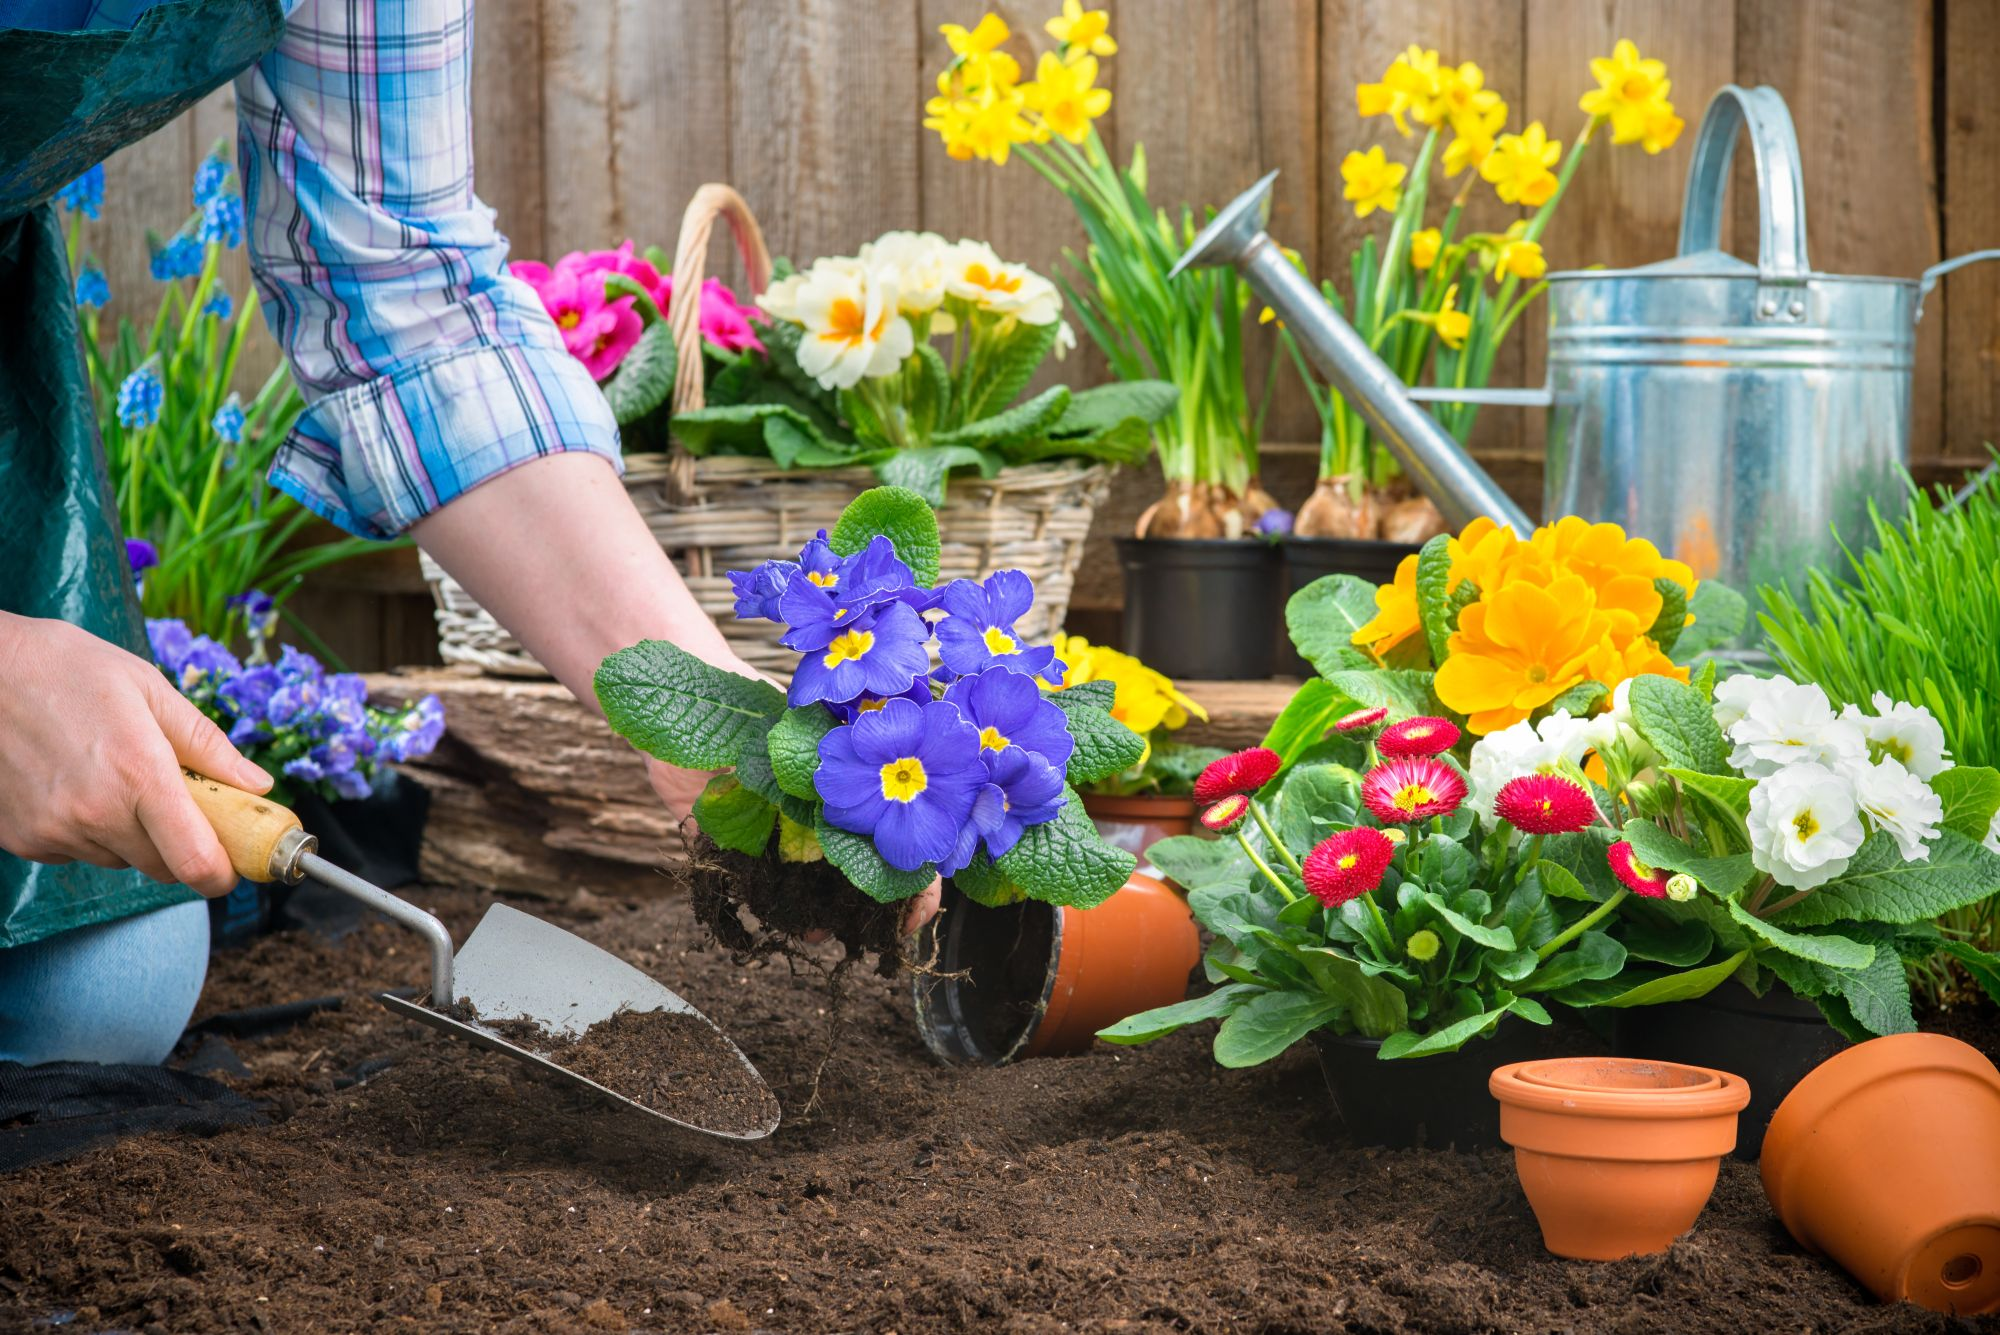 Realizacja projektu ogrodu